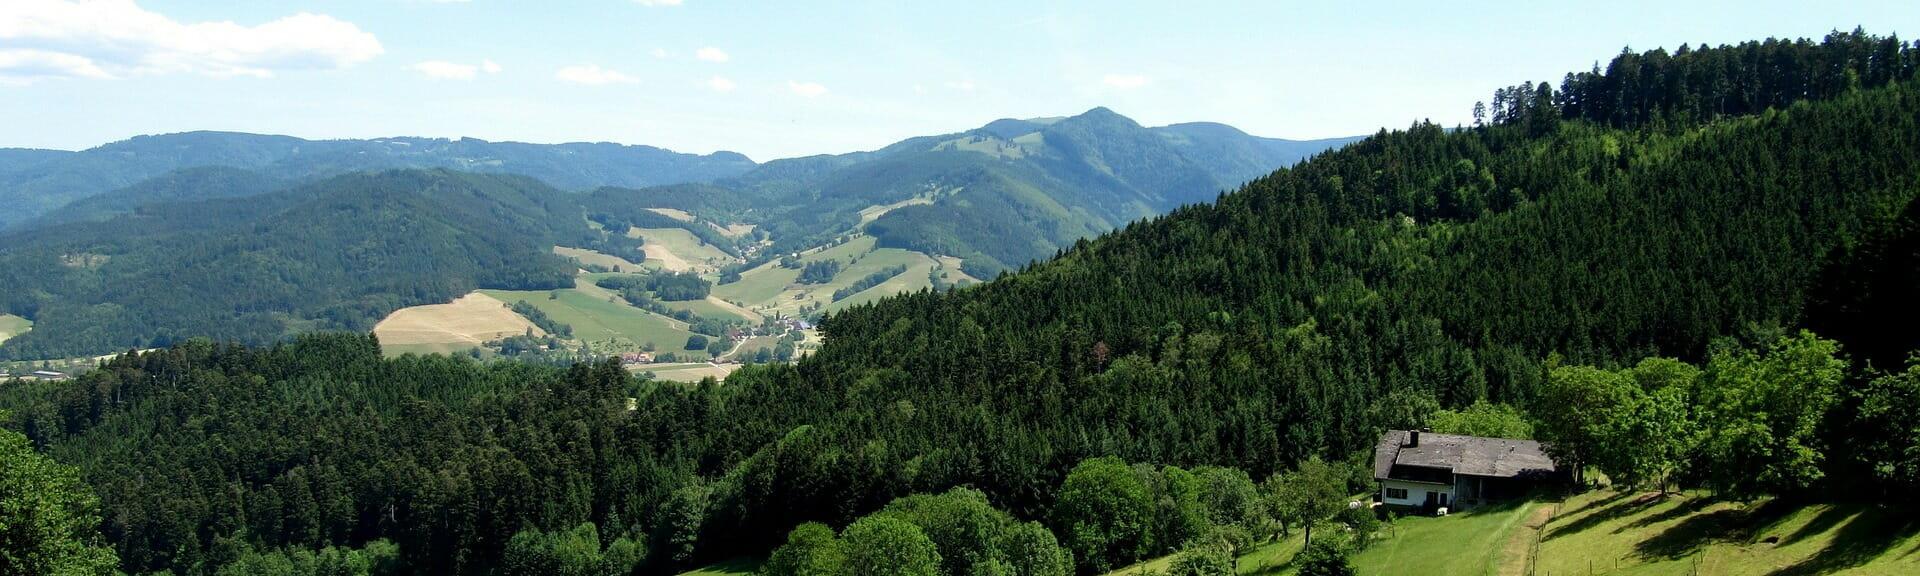 Klassenfahrt Schwarzwald Landschaft